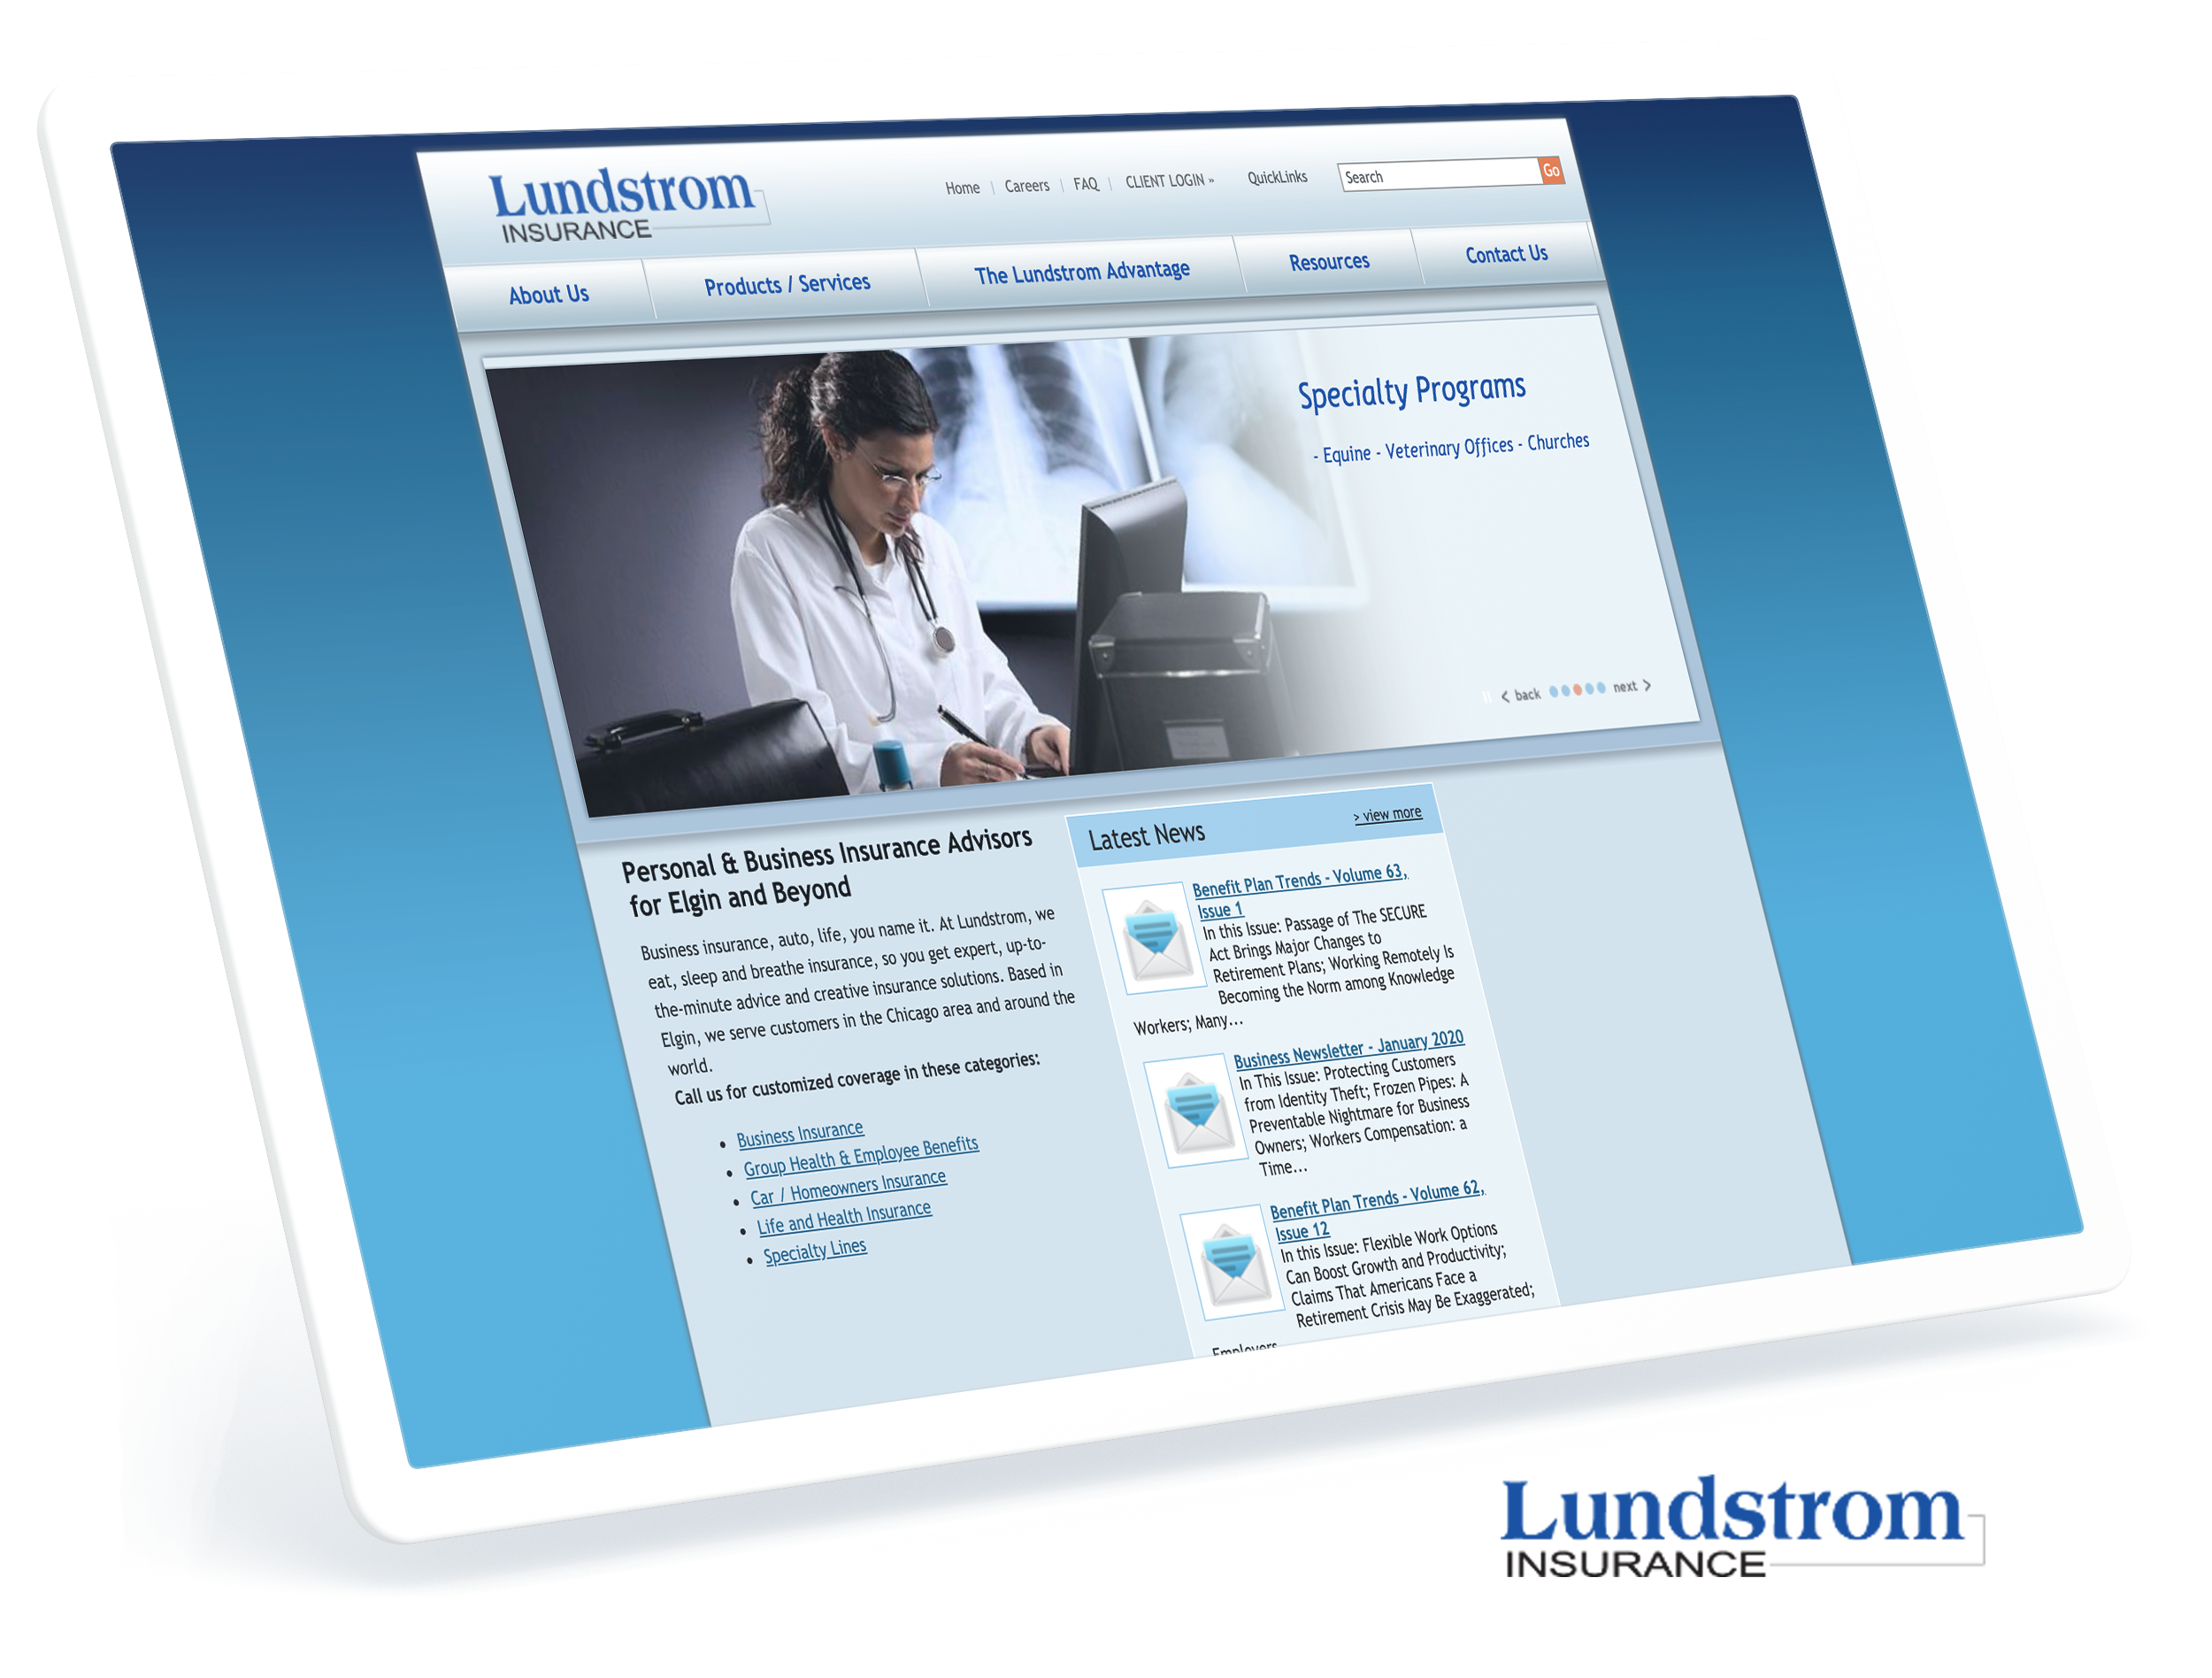 Lundstrom_Insurance_Spotlight